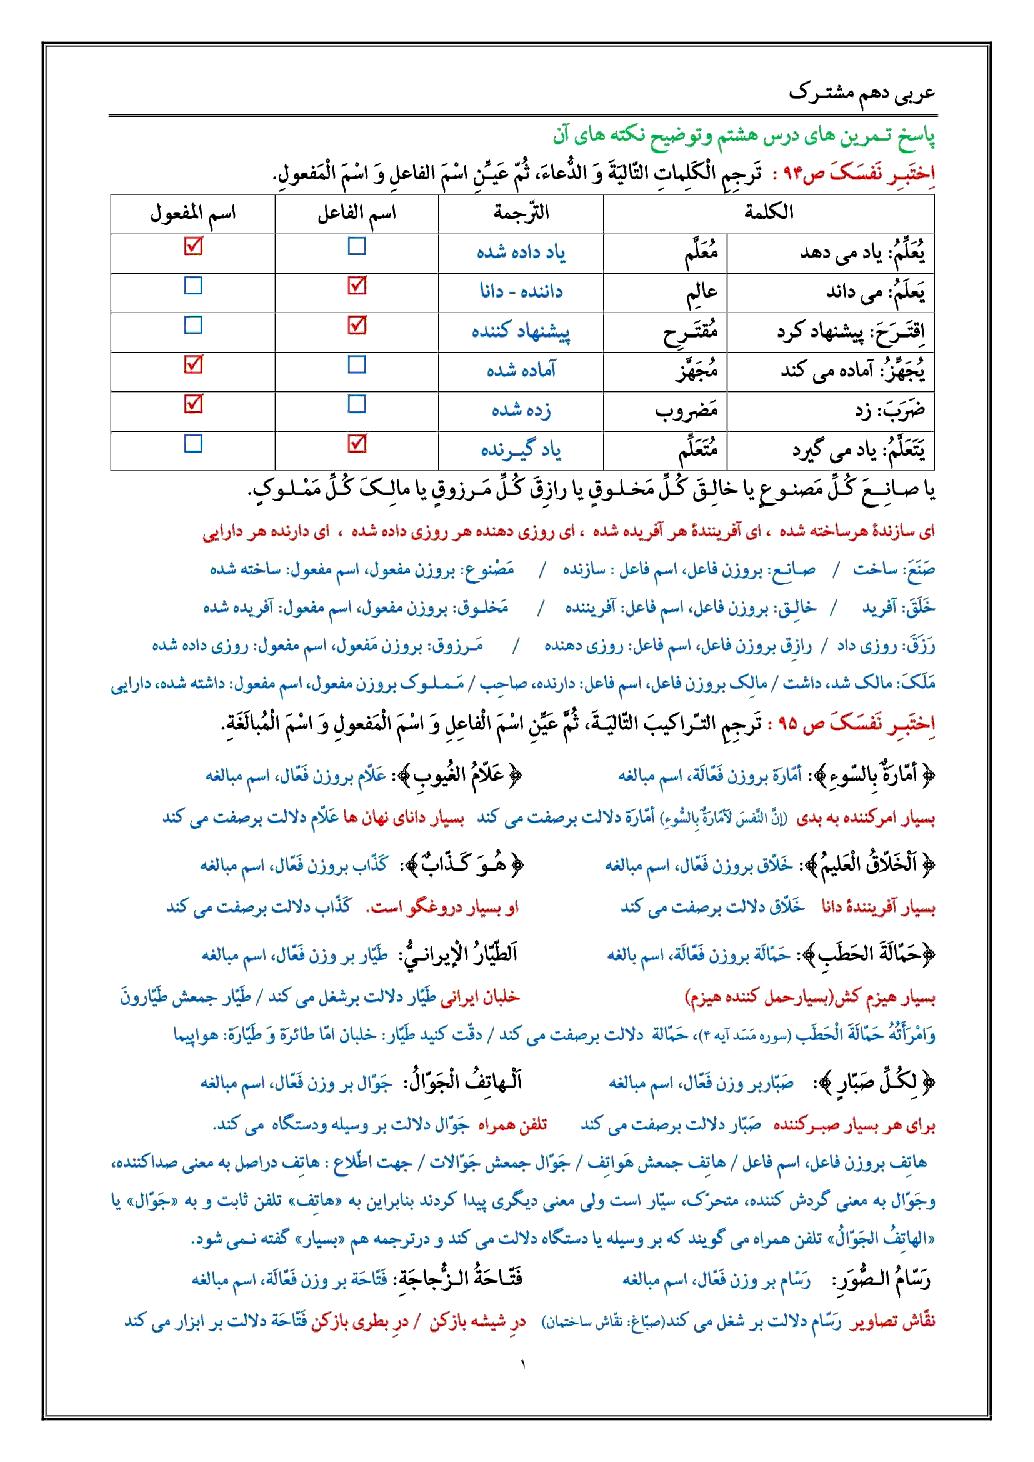 راهنمای حل تمارین (1 تا 6   انوار قرآن) همراه با نکات درس 8 عربی (1) دهم ریاضی و تجربی